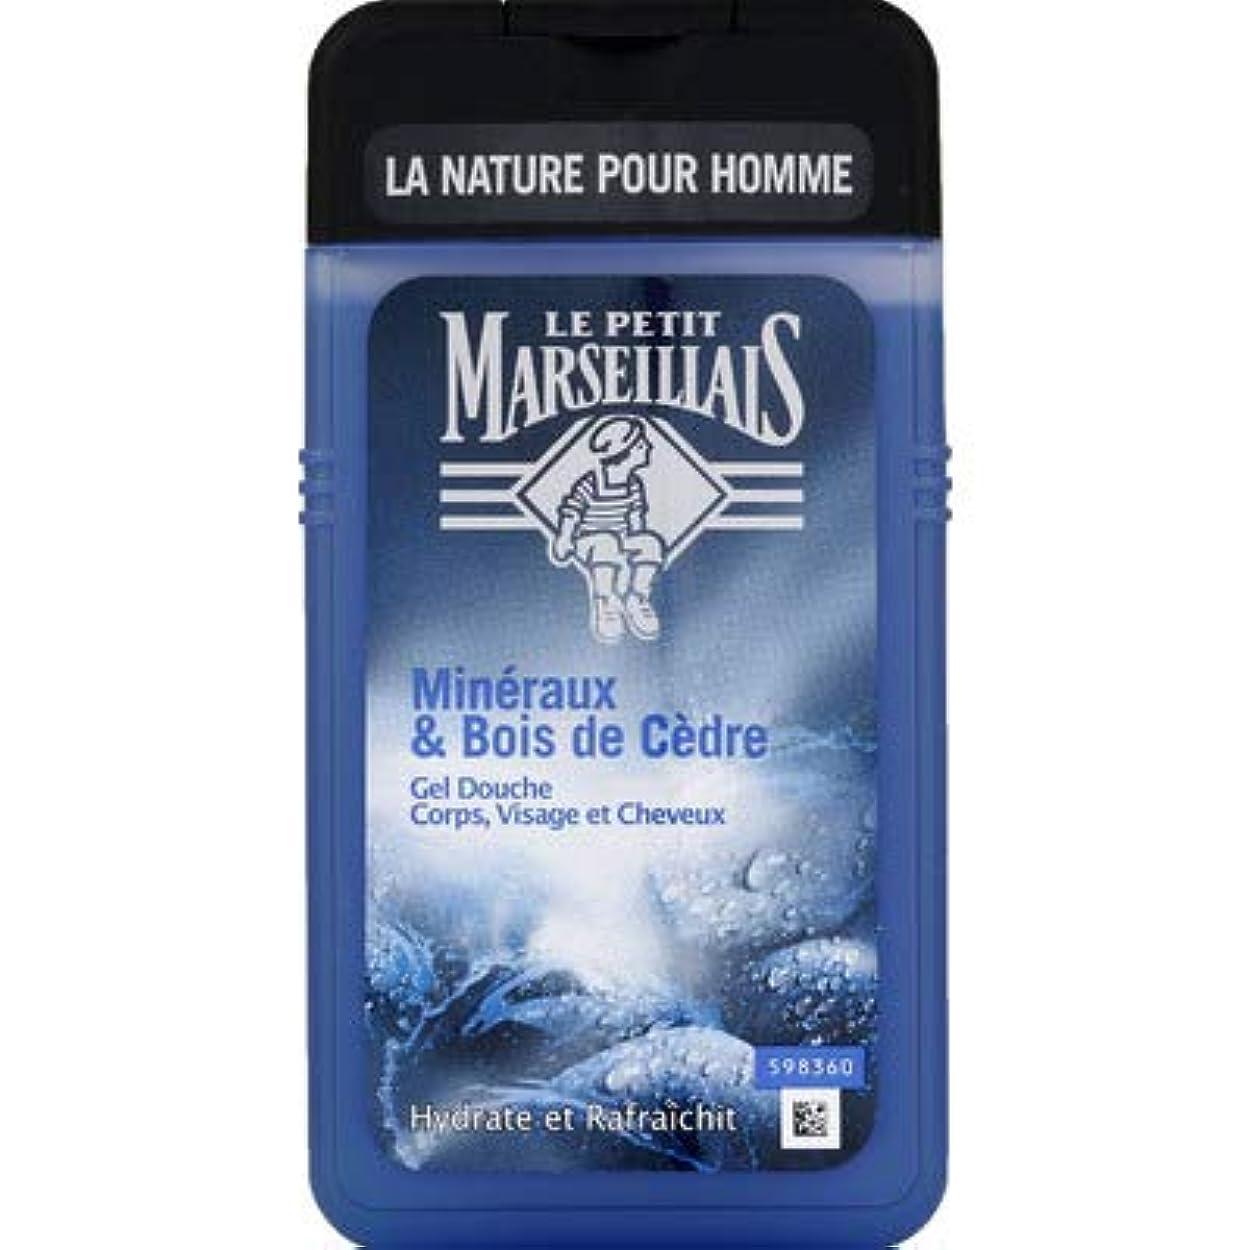 主権者こしょう重要性メンズ用 顔?髪?体 ボディウォッシュ「ミネラル」と「シダーウッド」シャワージェル フランスの「ル?プティ?マルセイユ (Le Petit Marseillais)」 250ml